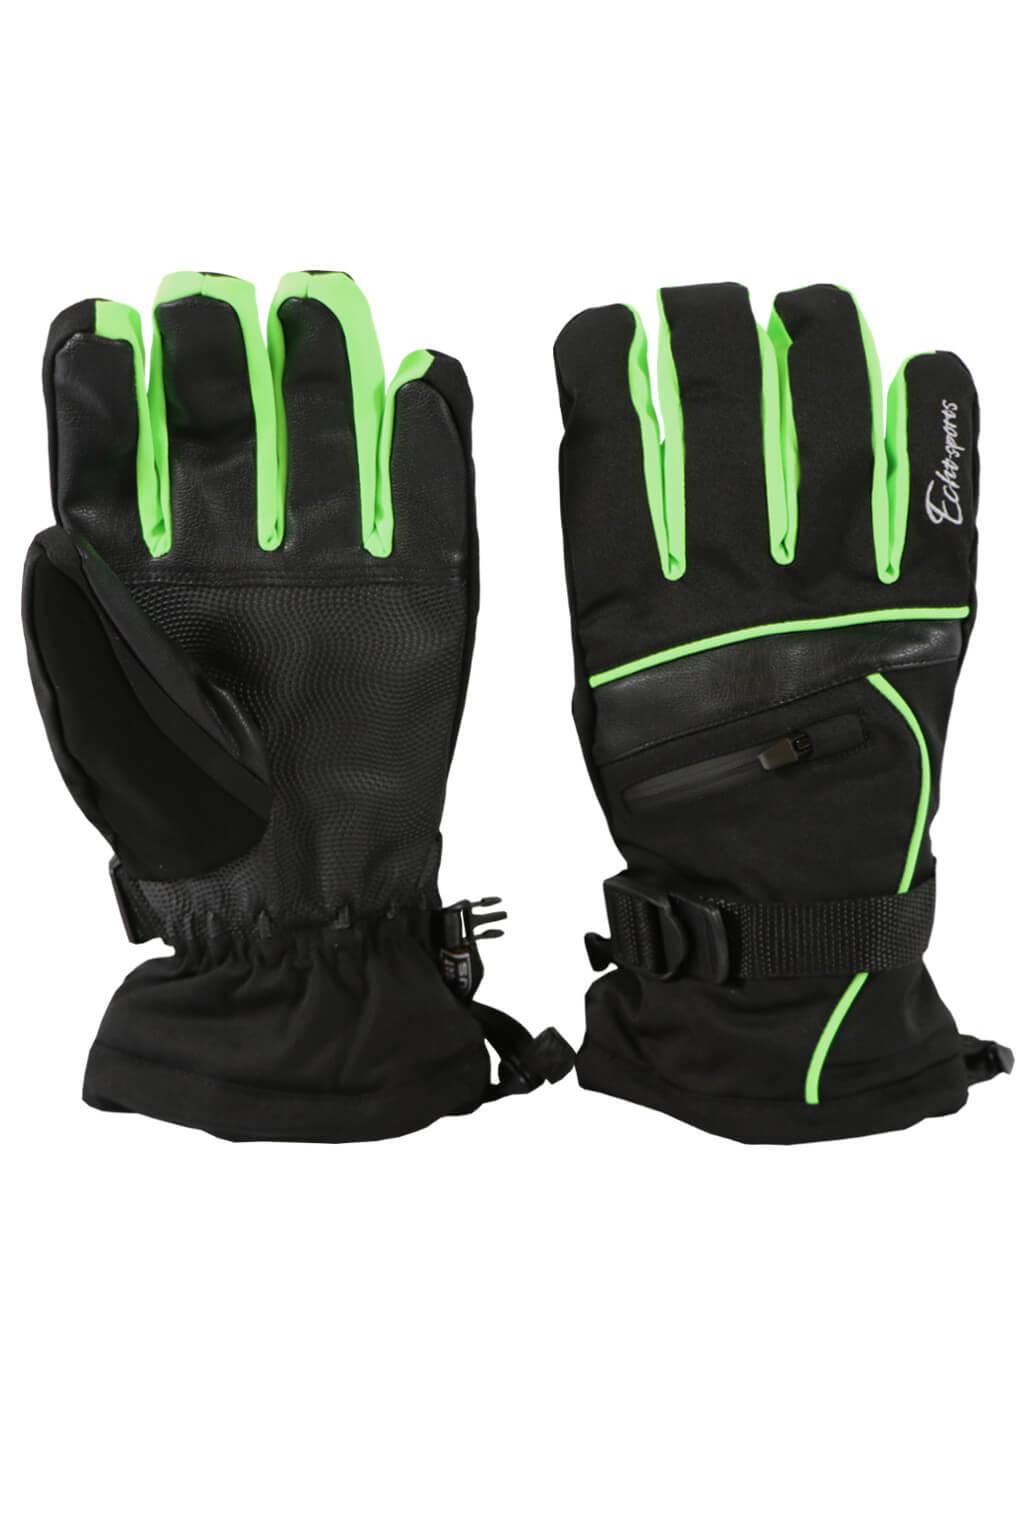 Gloves pánské lyžařské rukavice HX001 L zelená ba5ab24603